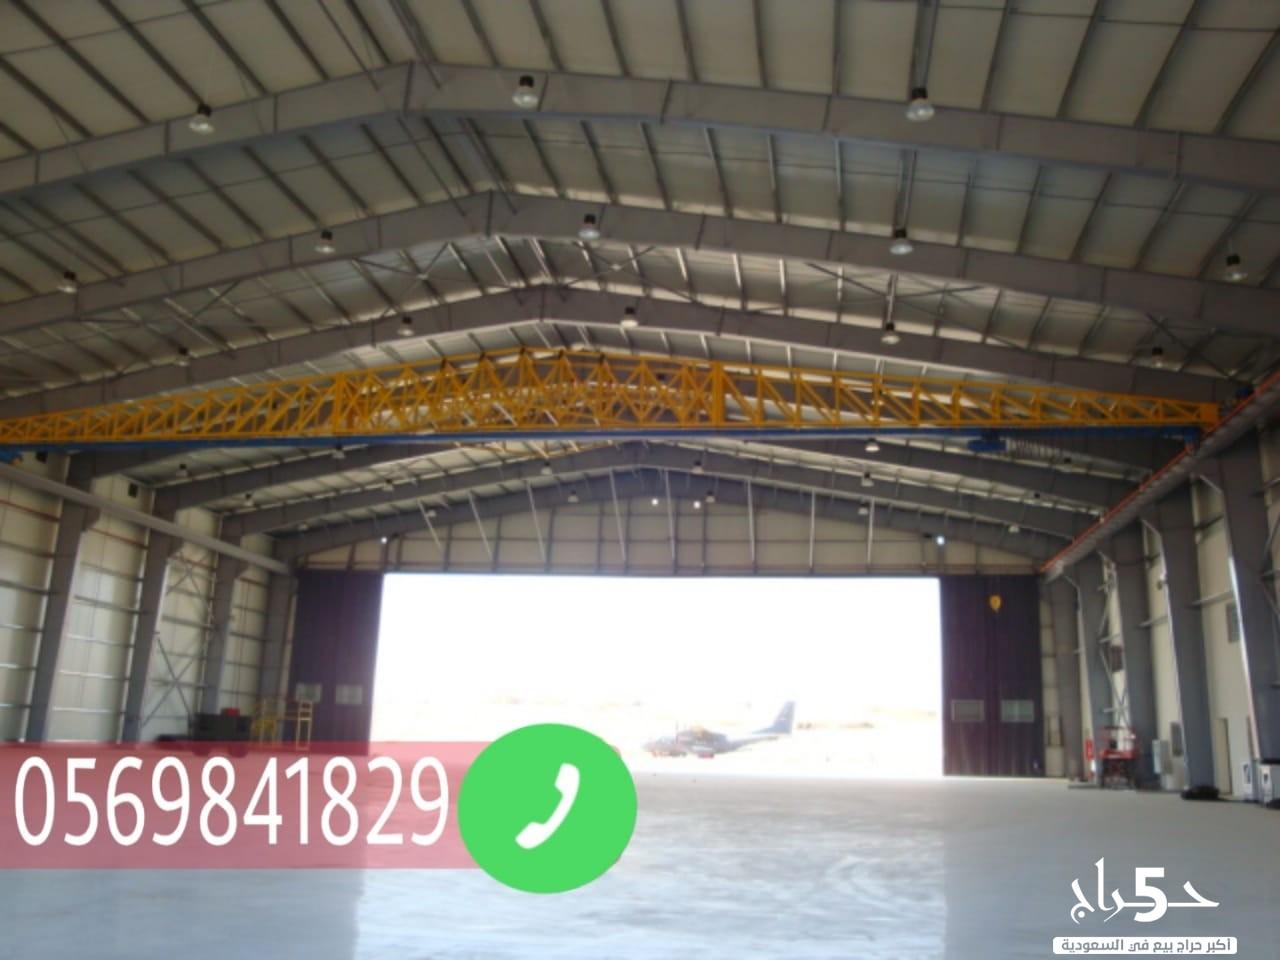 تركيب مستودعات بالباحه , 0569841829 بناء هناجر للتخزين ومستودعات للشركات بالطائف ,